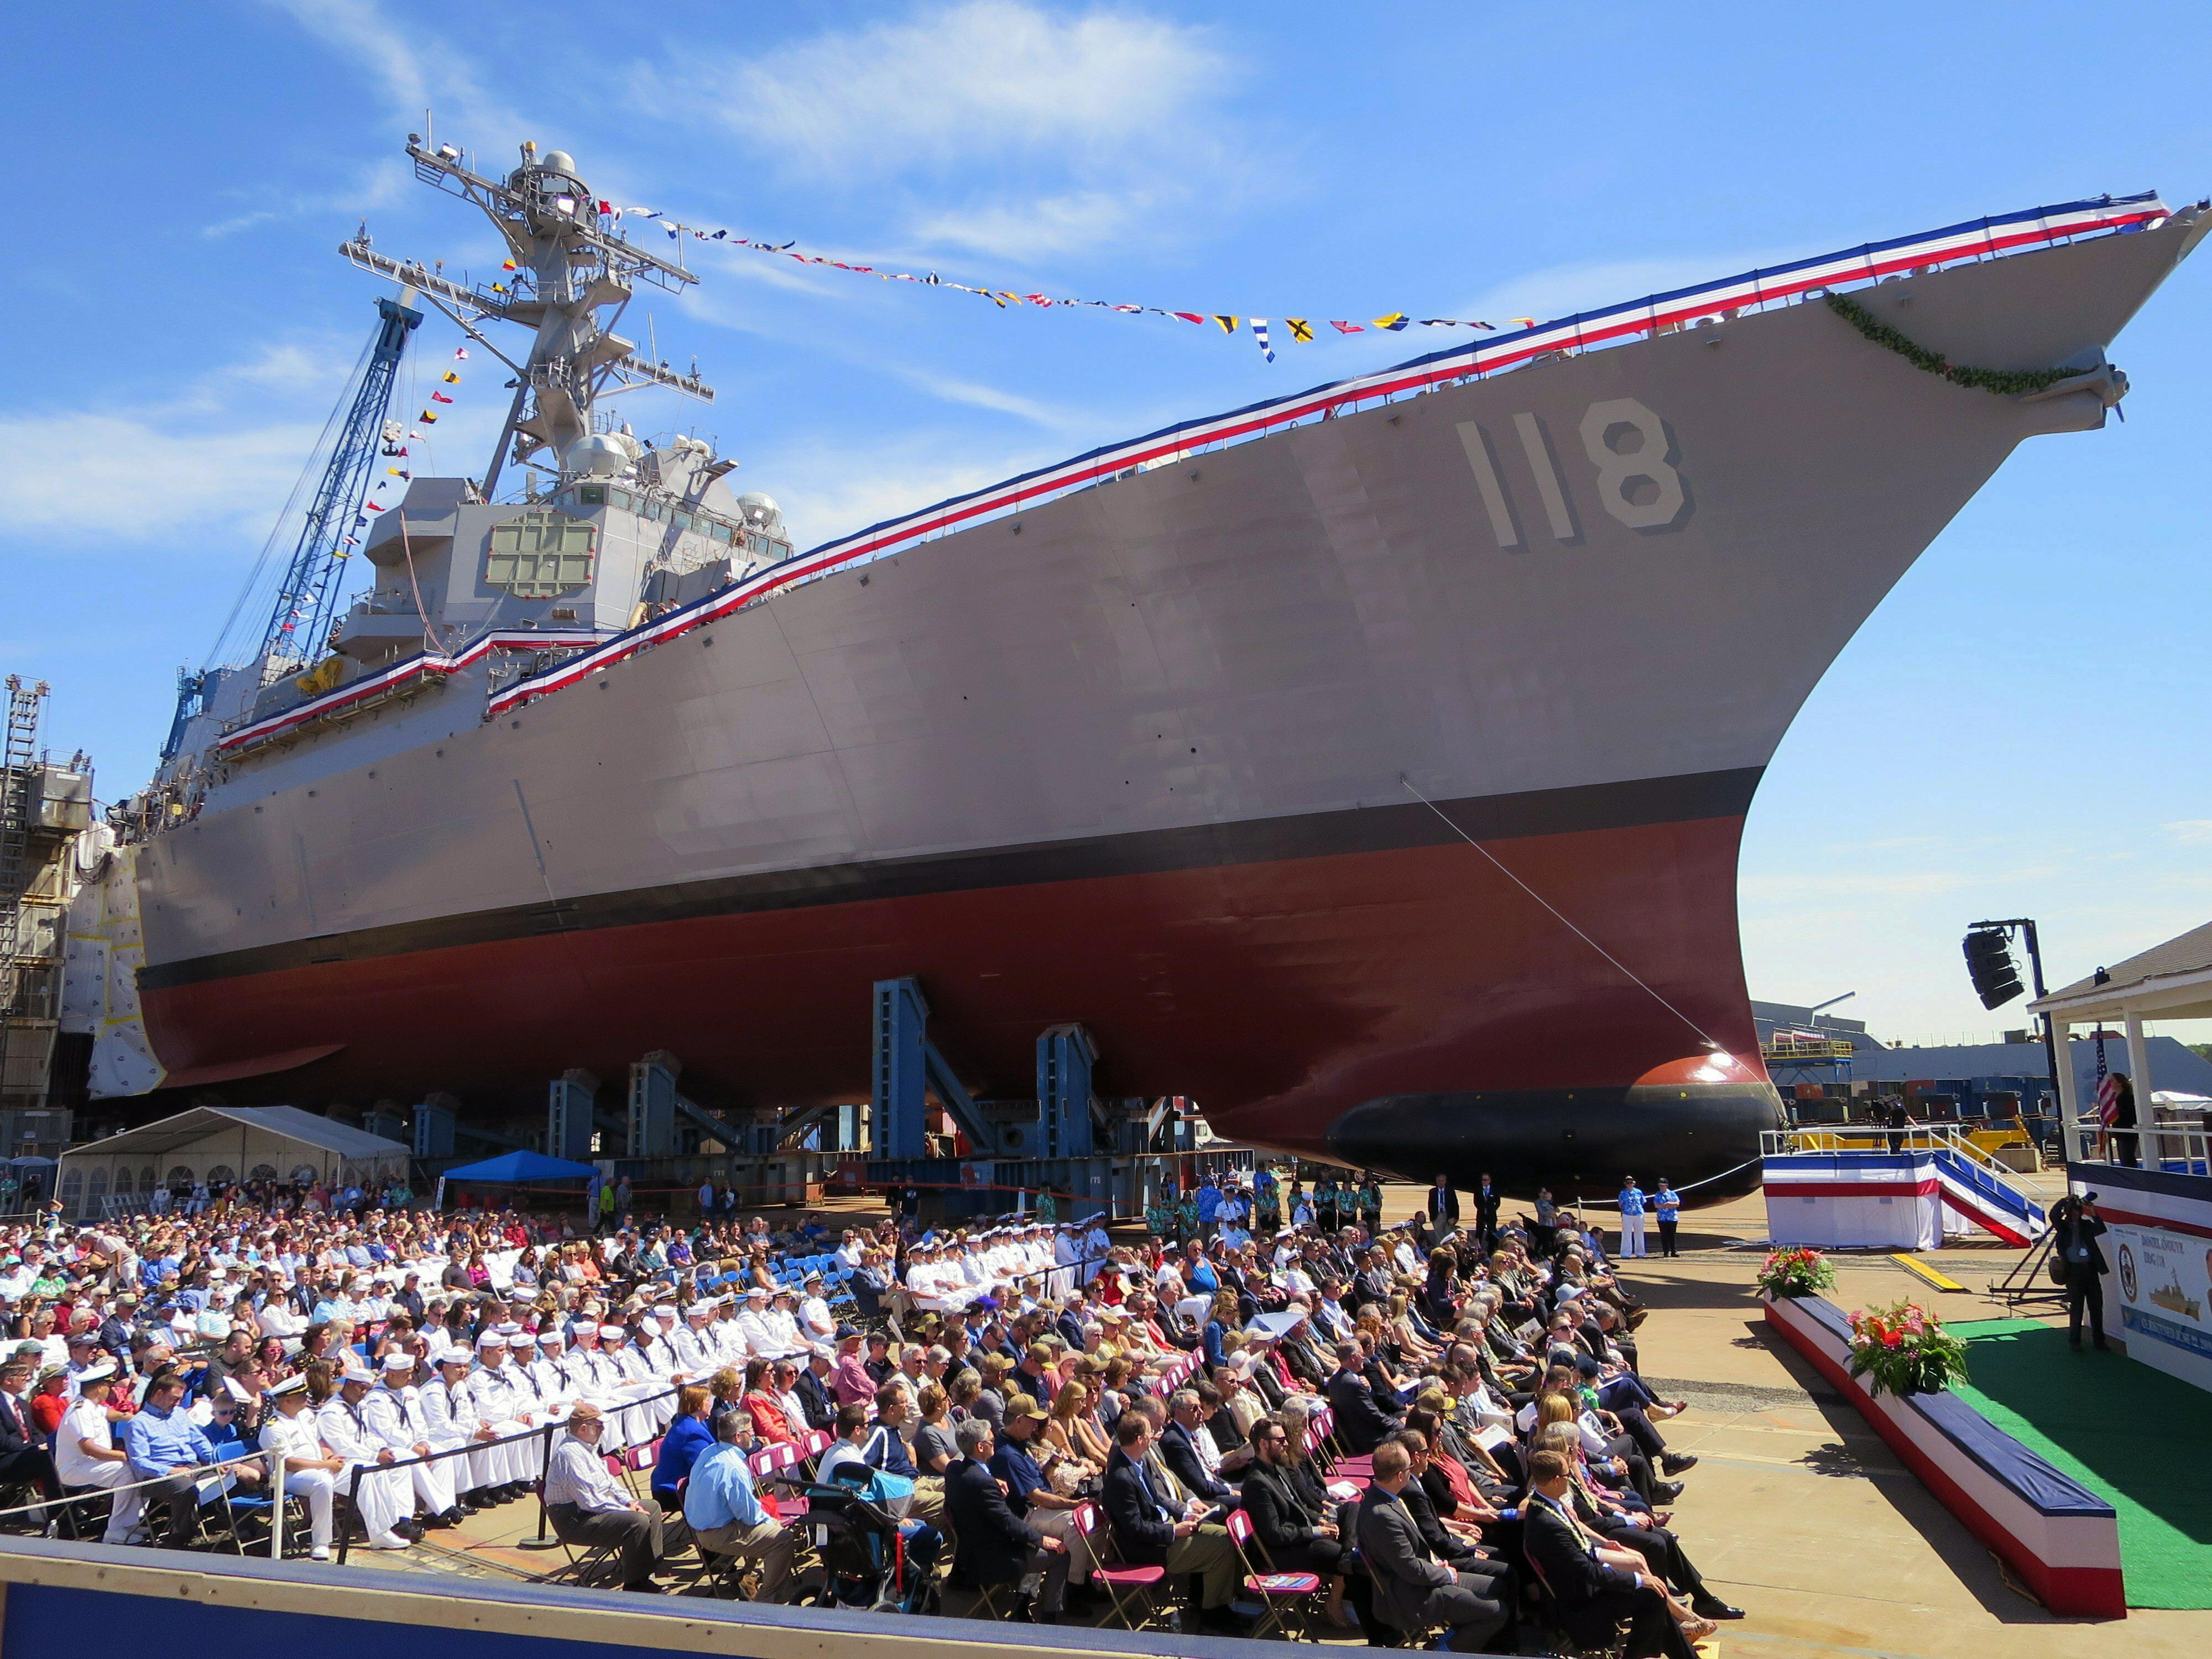 22 arrested outside christening of USS Daniel Inouye